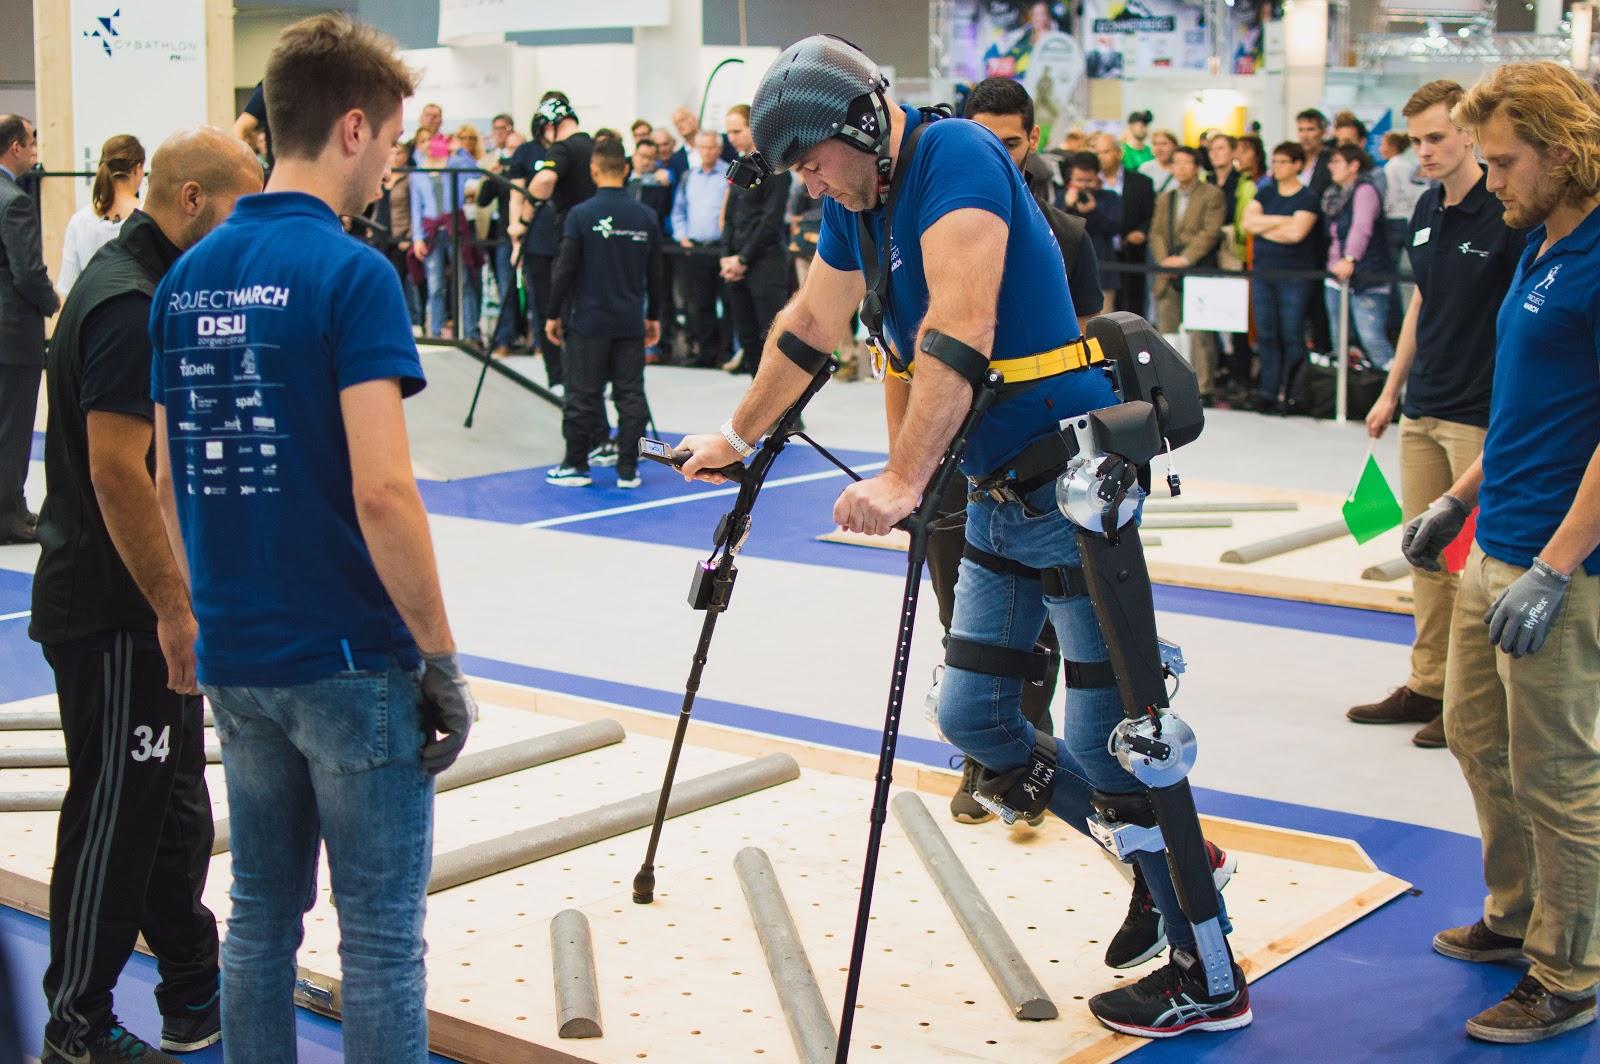 Ruben de Sain navigating balancing challenge